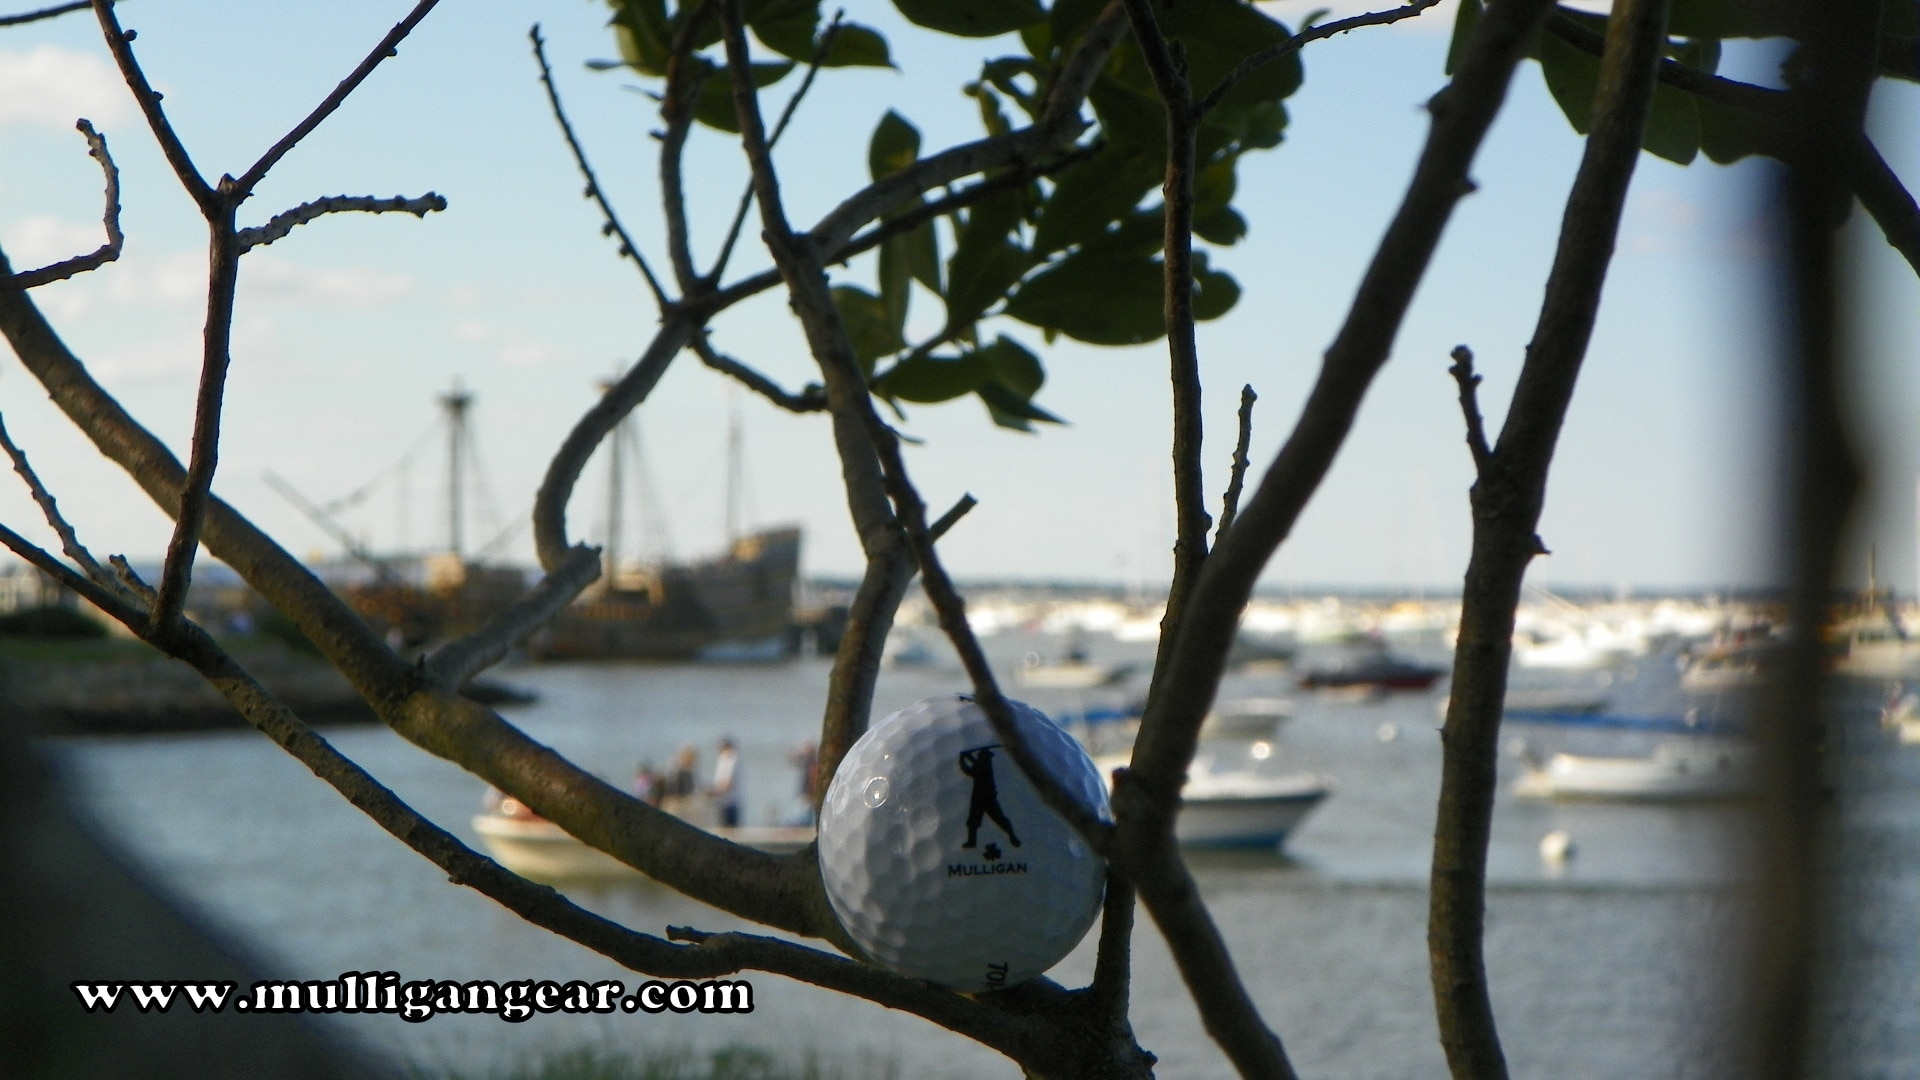 Mulligan Ball in Tree